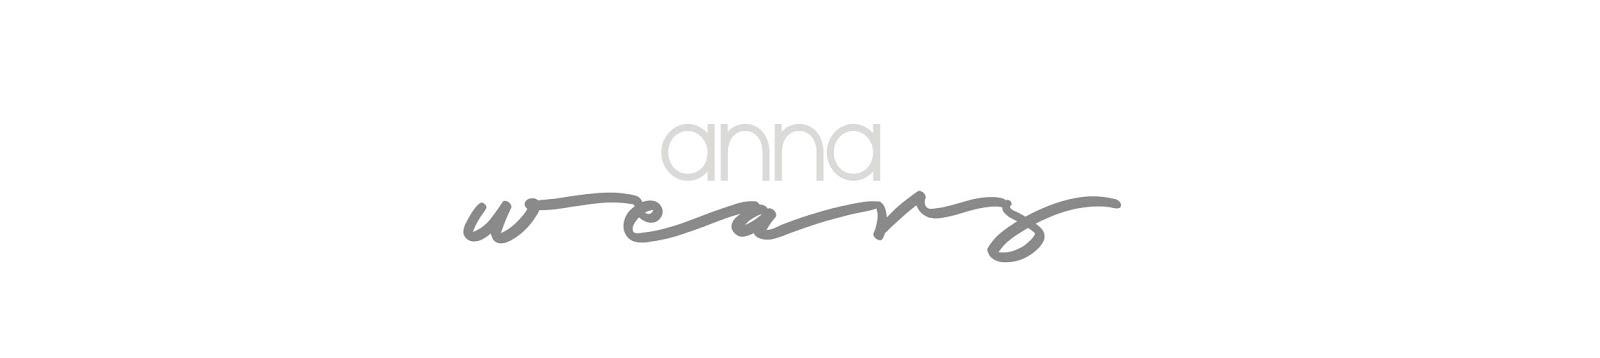 Anna Wears.